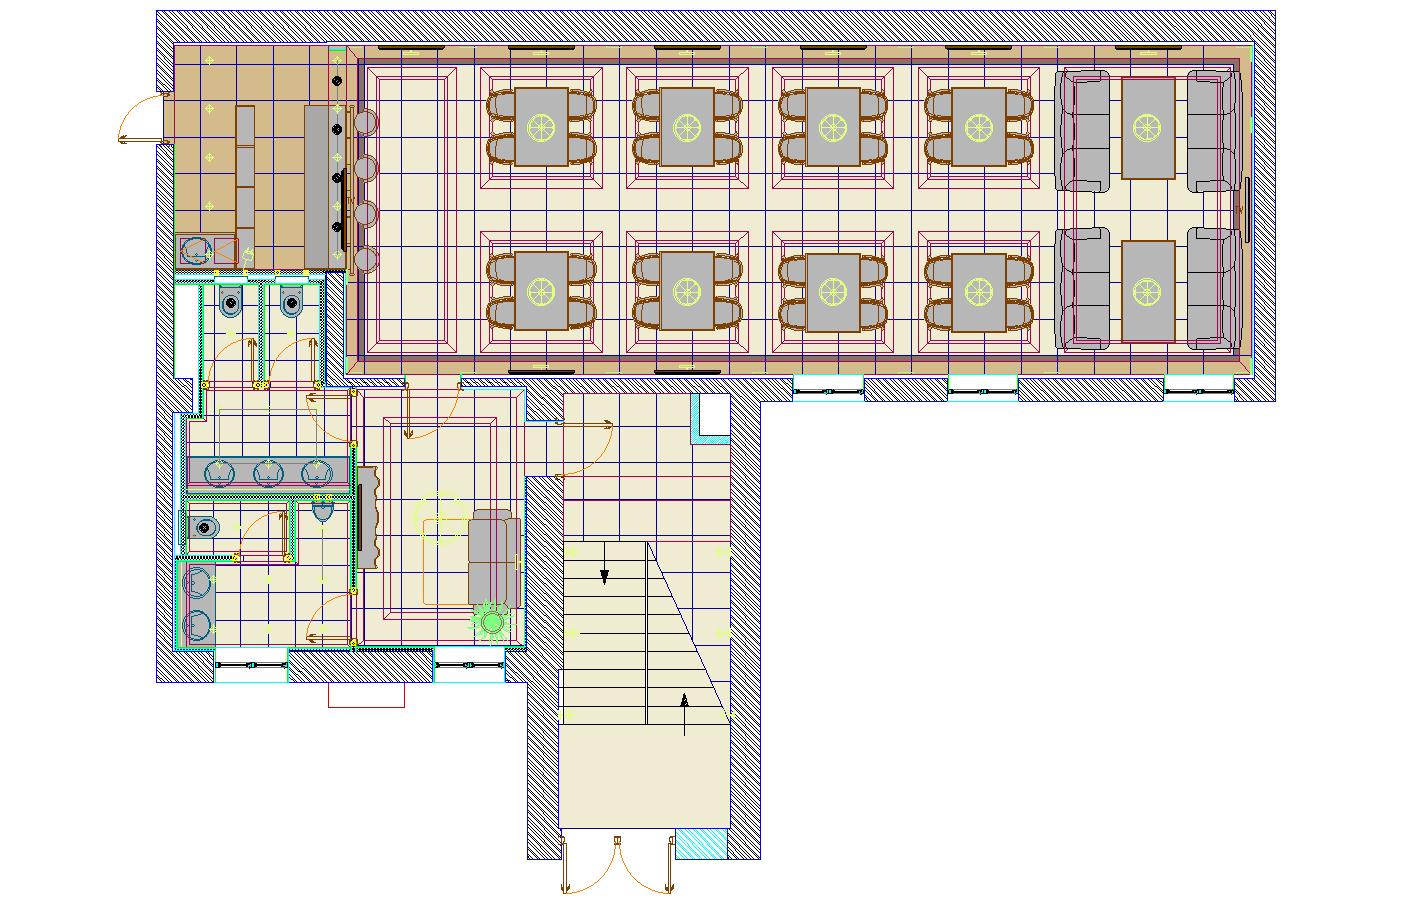 Cafe plan detail dwg file.